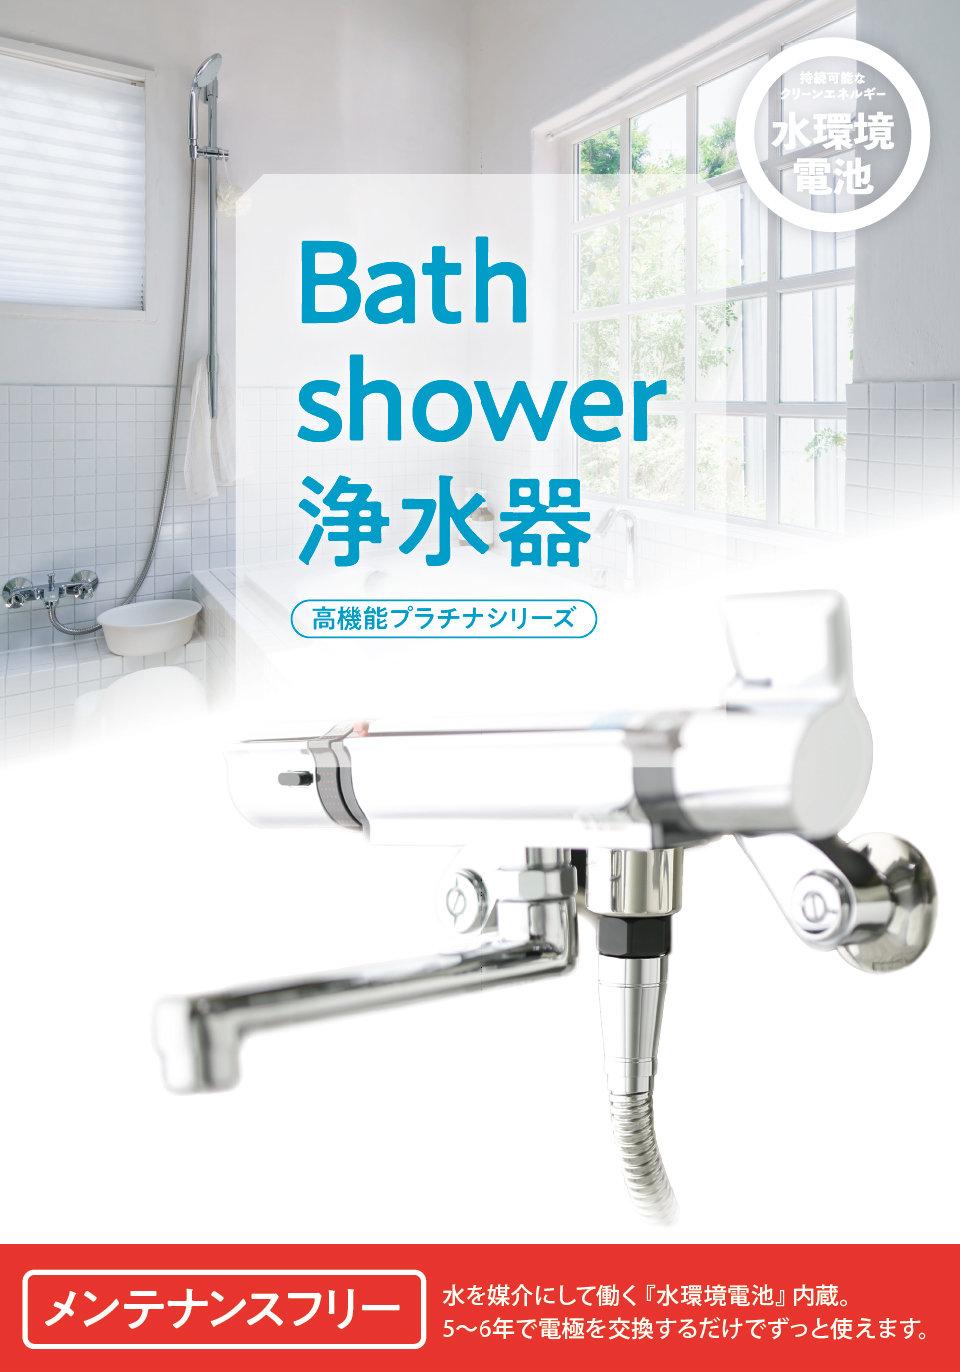 高機能プラチナシリーズ バスシャワー浄水器